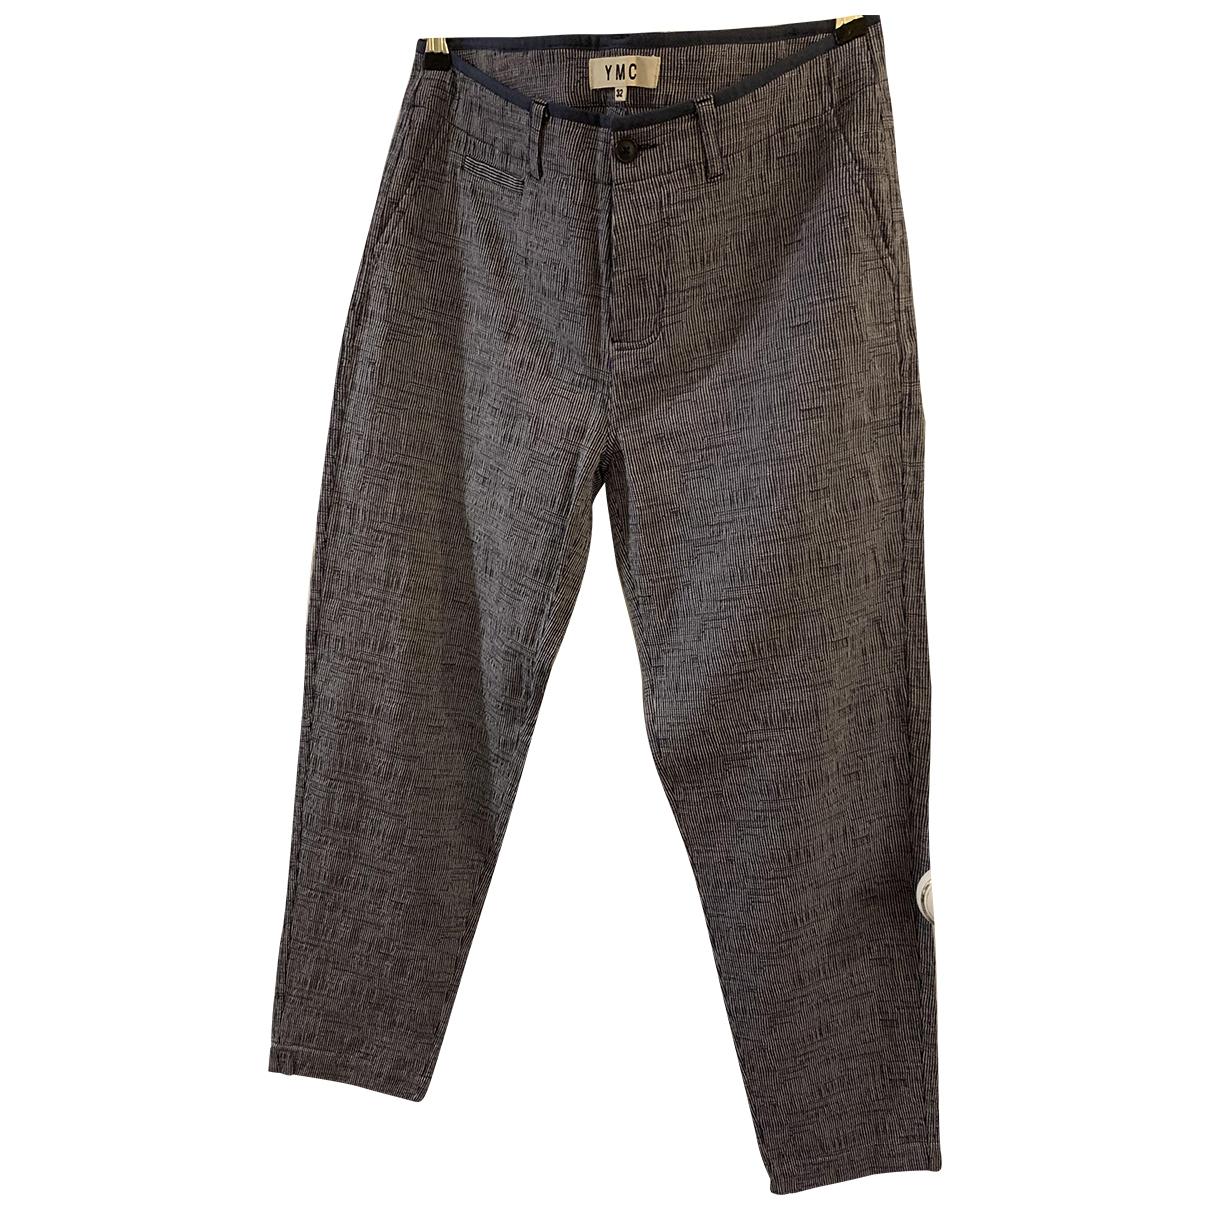 Ymc \N Blue Cotton Trousers for Men 32 UK - US